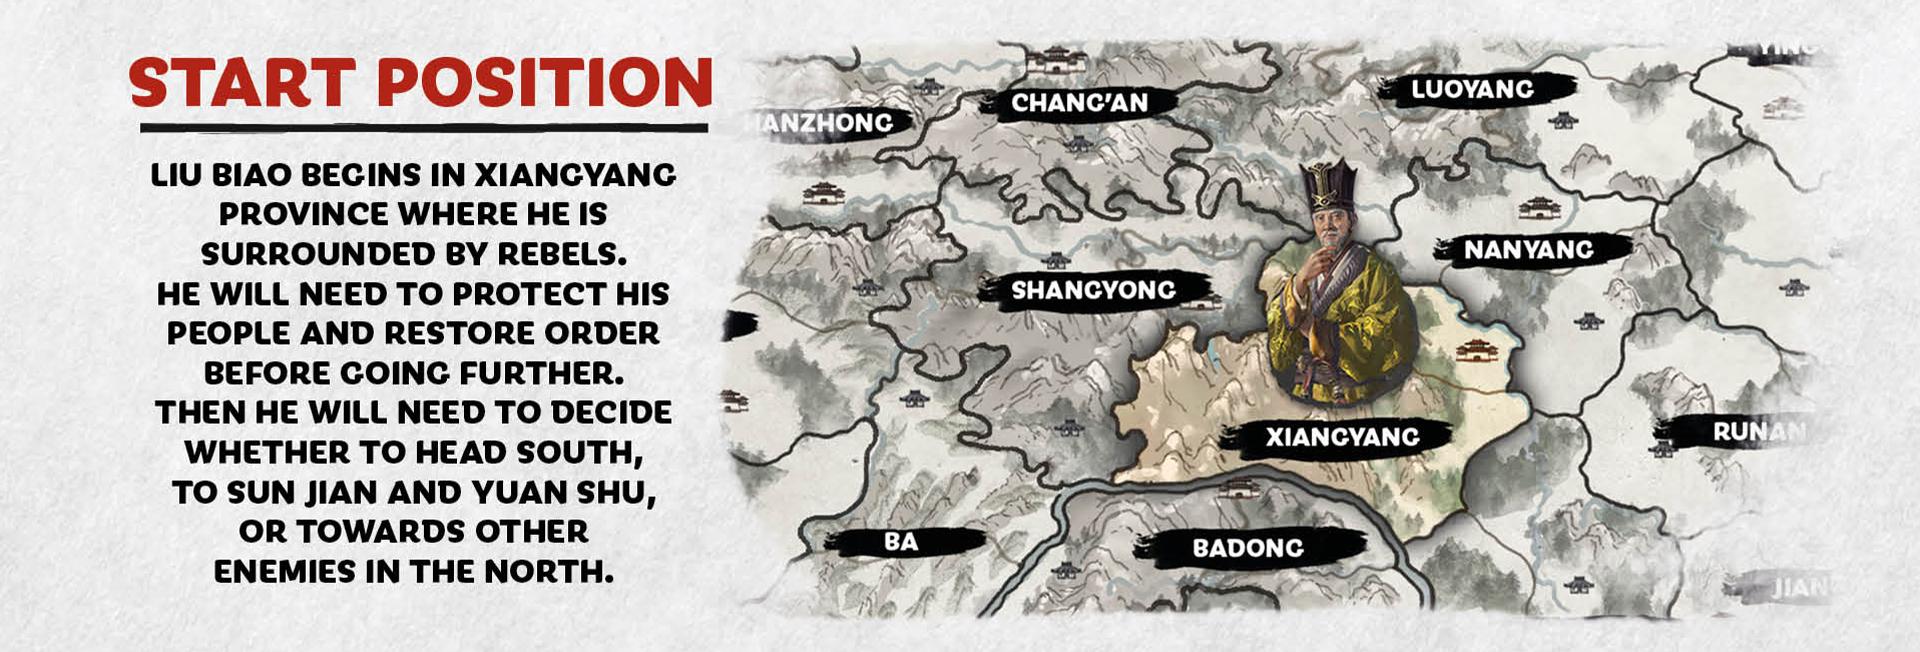 527550ca9d Three Kingdoms Warlords - Total War Academy